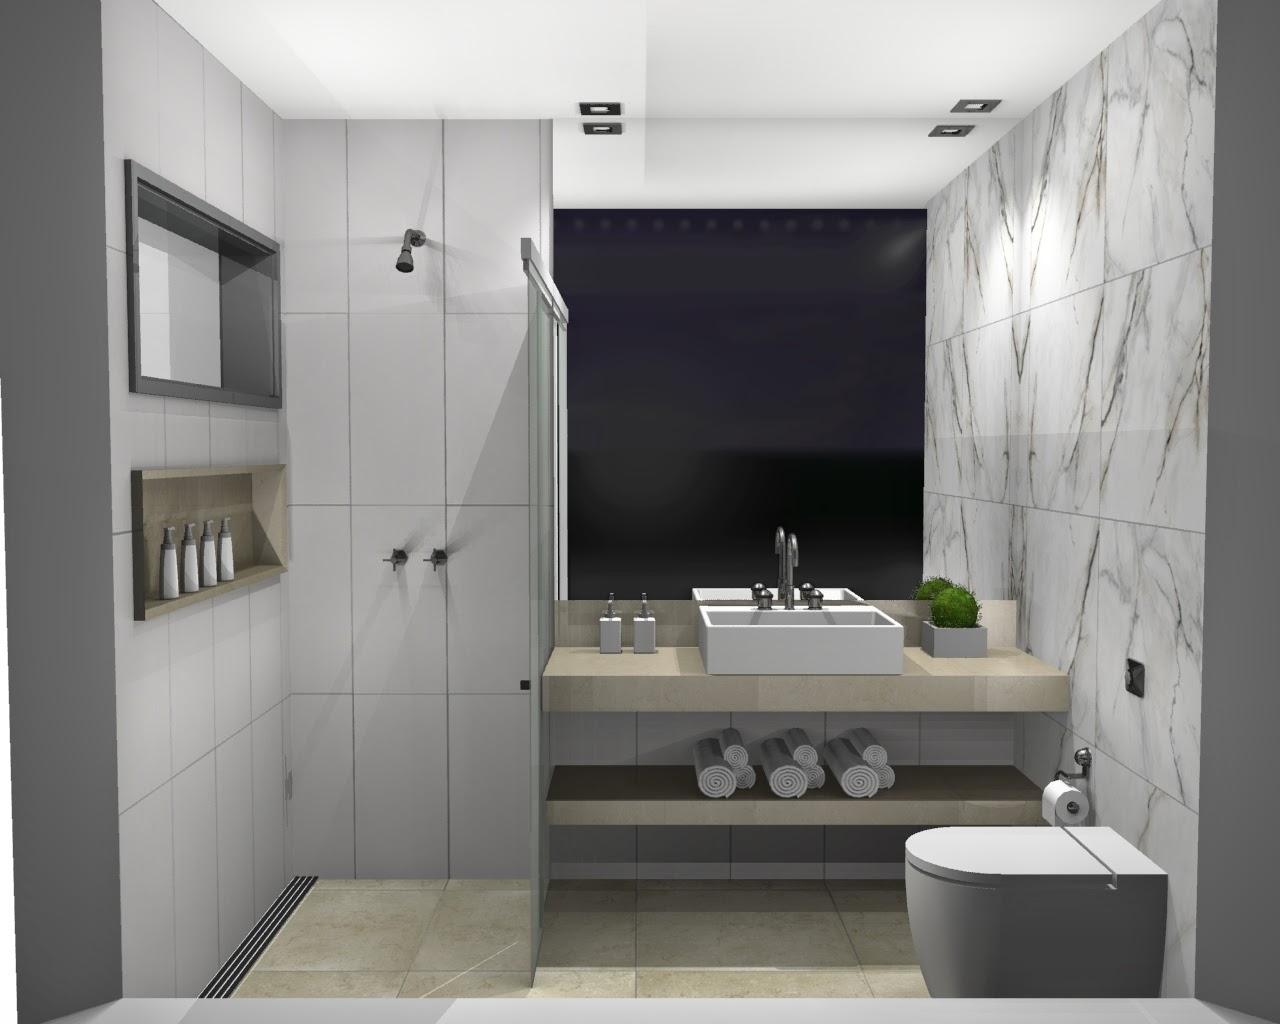 paredes) Revestimento branco acetinado tamanho 30x60 e retificado  #4B5D2F 1280x1024 Bancada Banheiro Concreto